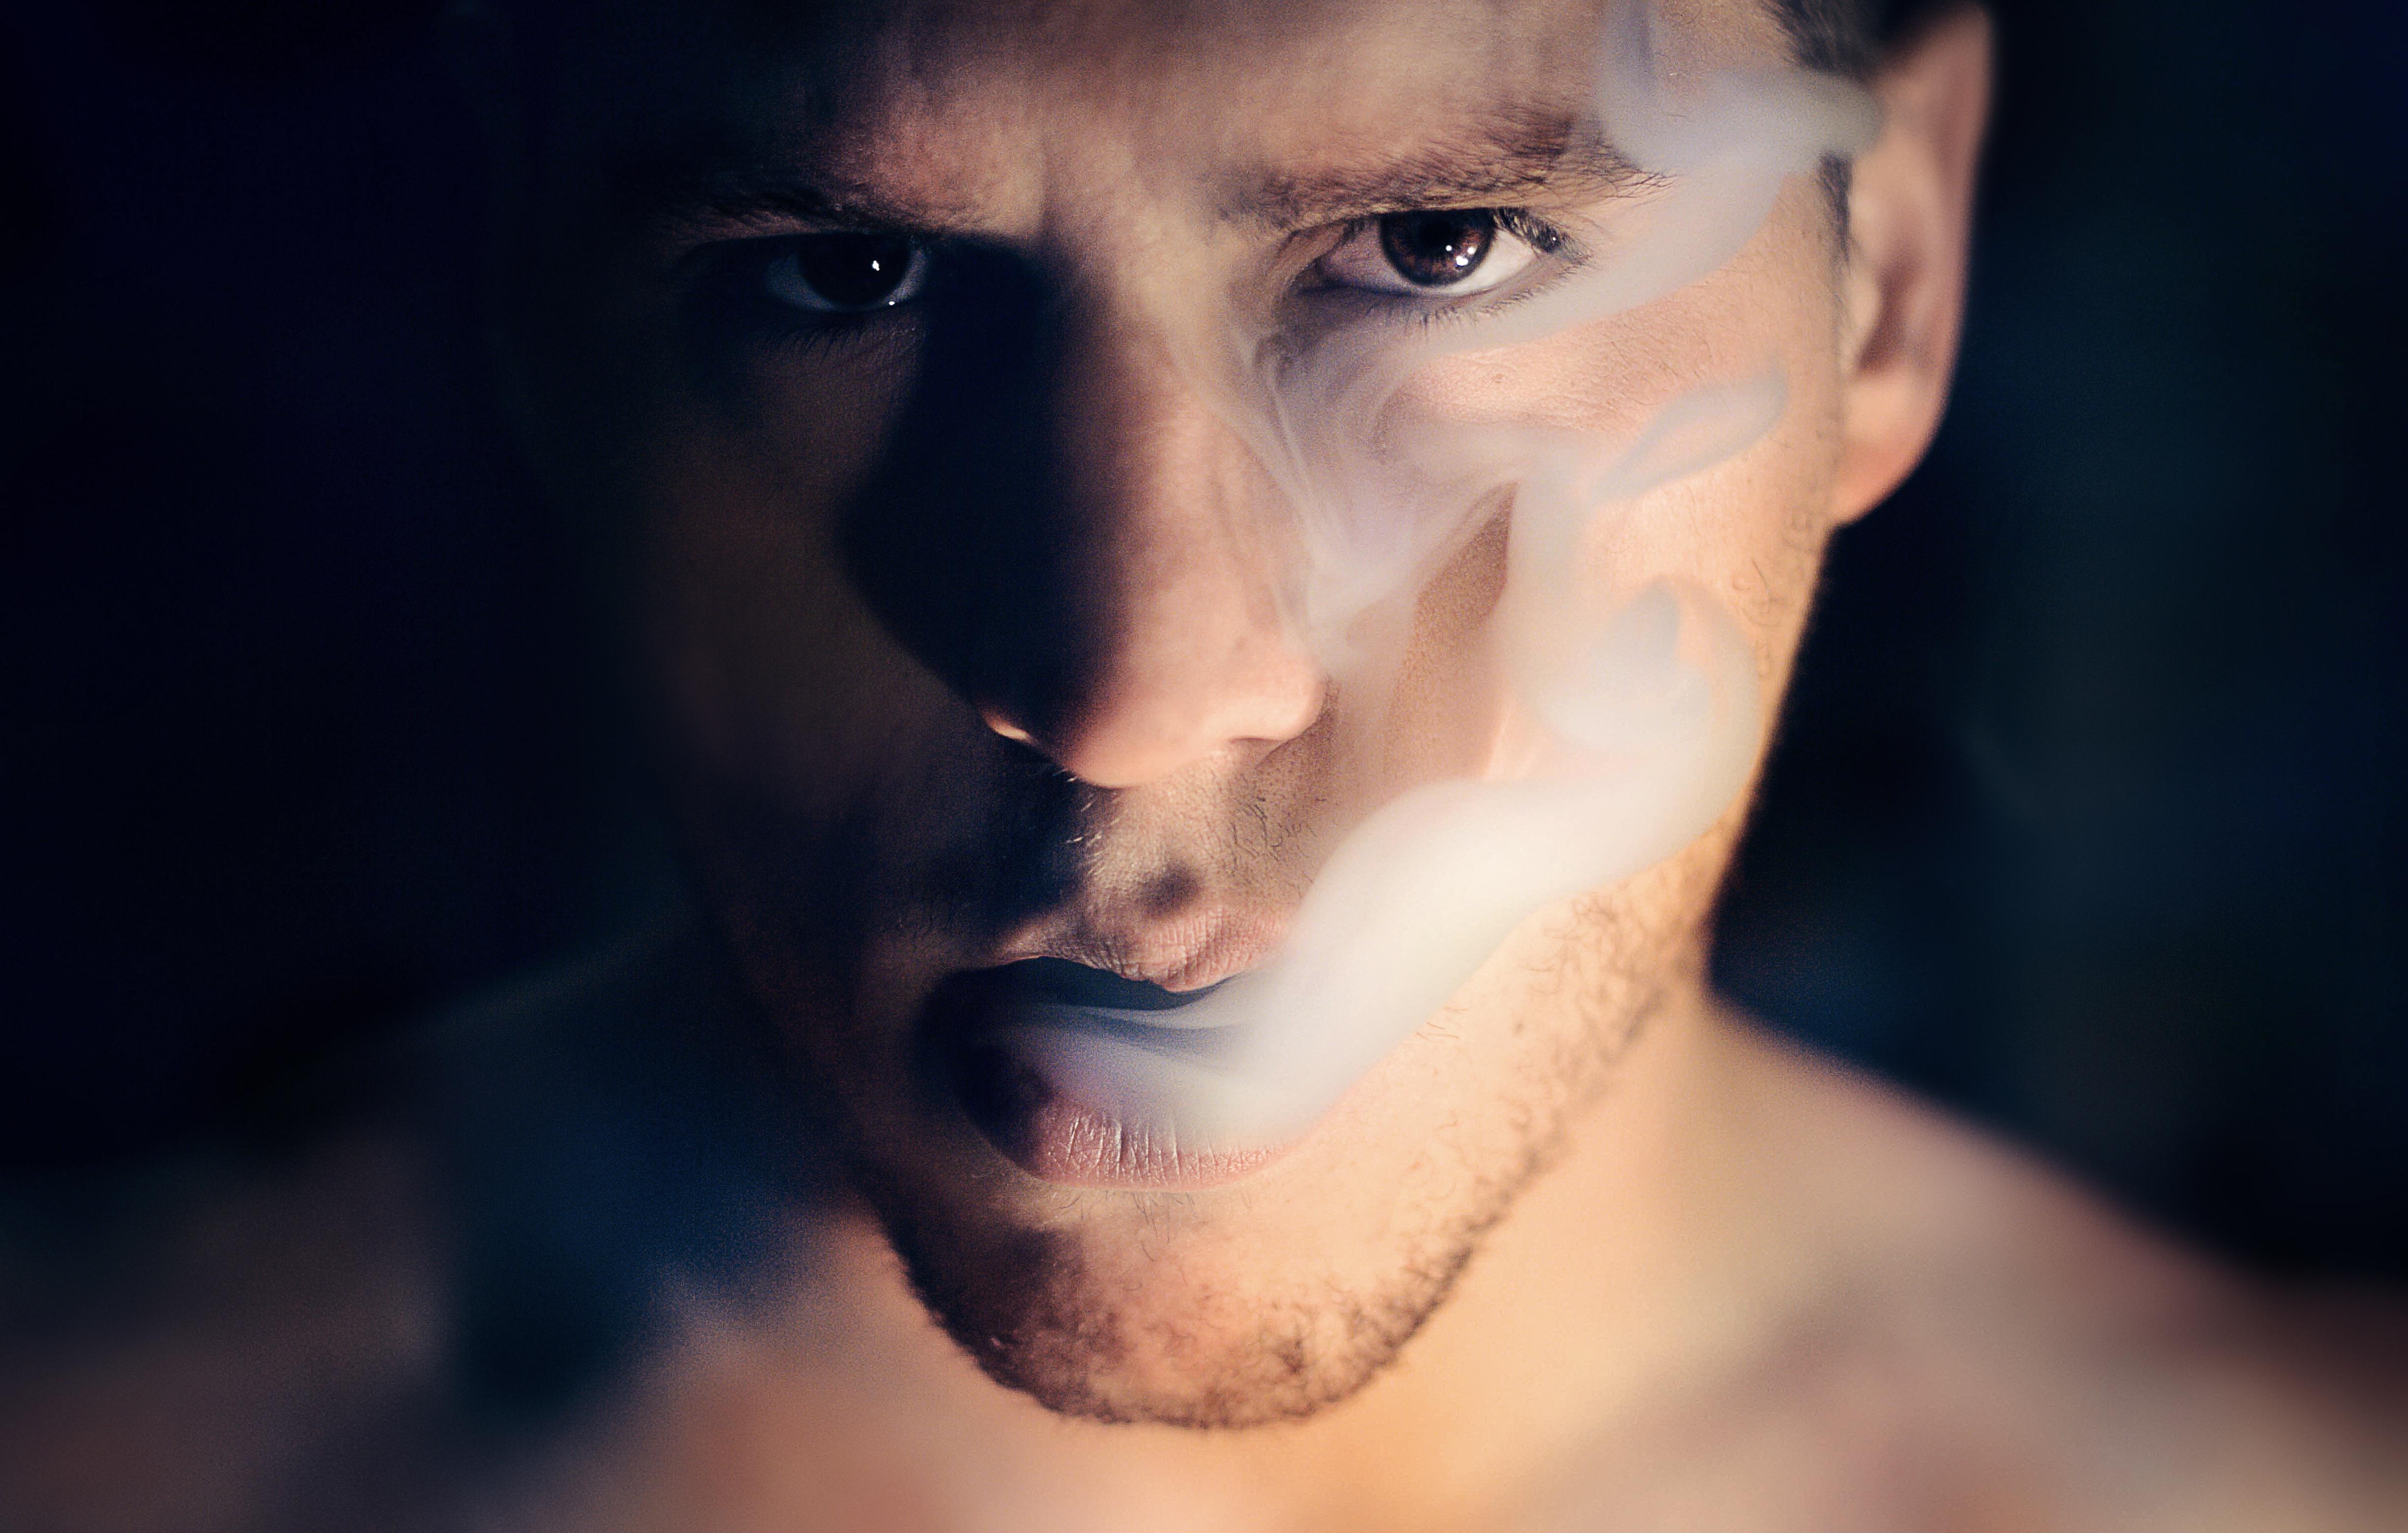 【禁煙】62日が経ちました。